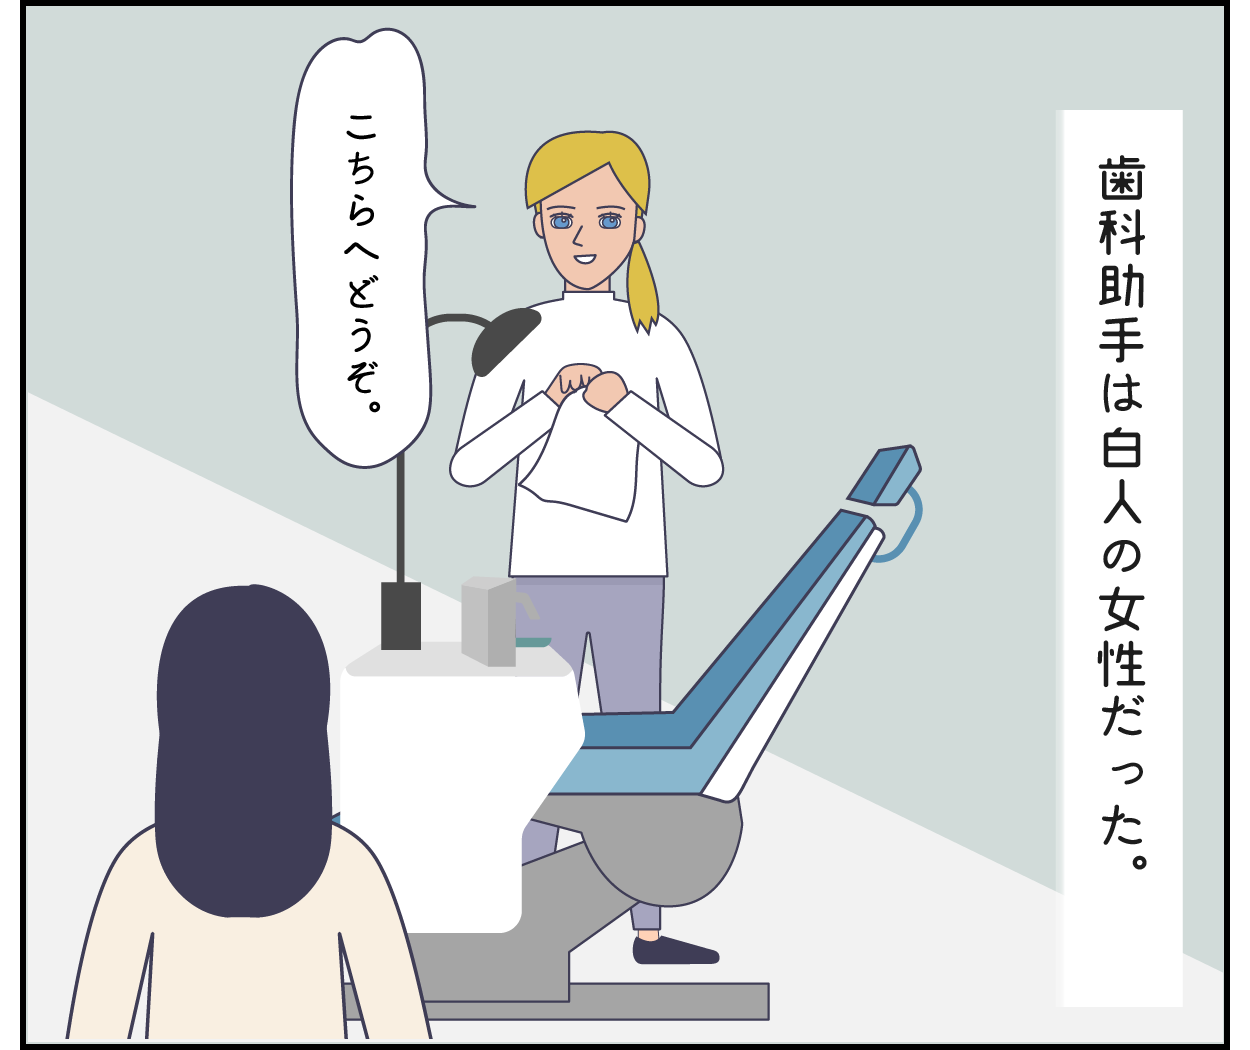 イギリス 歯医者 歯科助手 白人 女性